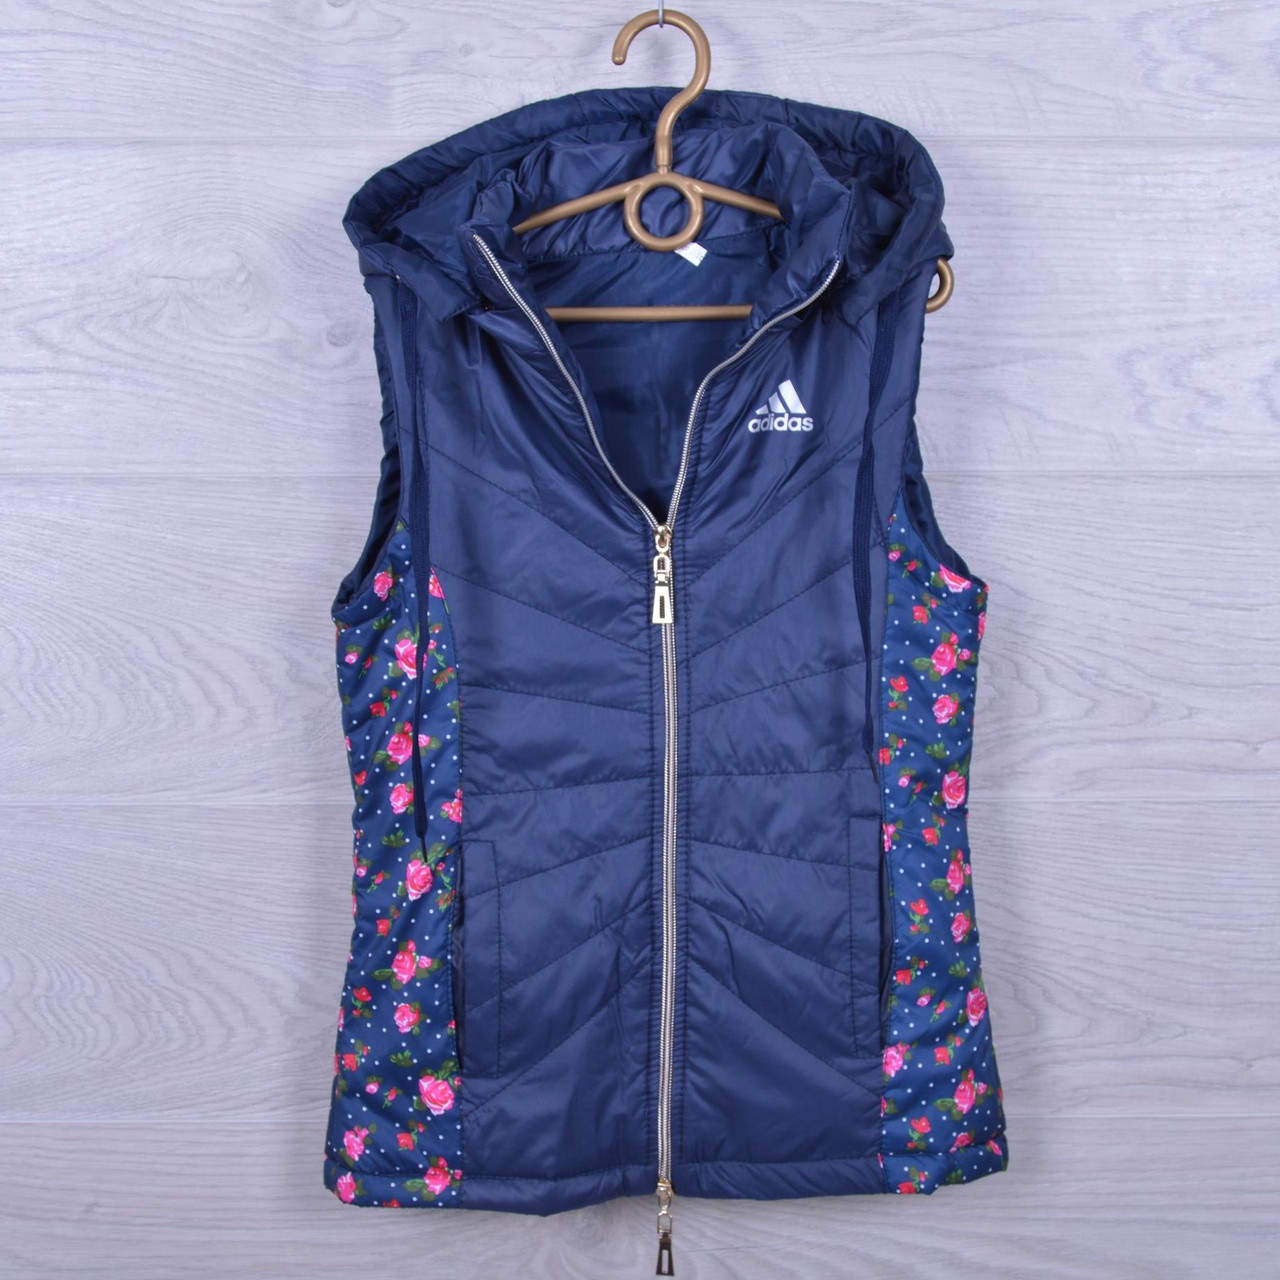 """Подростковая демисезонная жилетка """"Adidas реплика"""" для девочек. 10-15 лет. Темно-синяя. Оптом."""